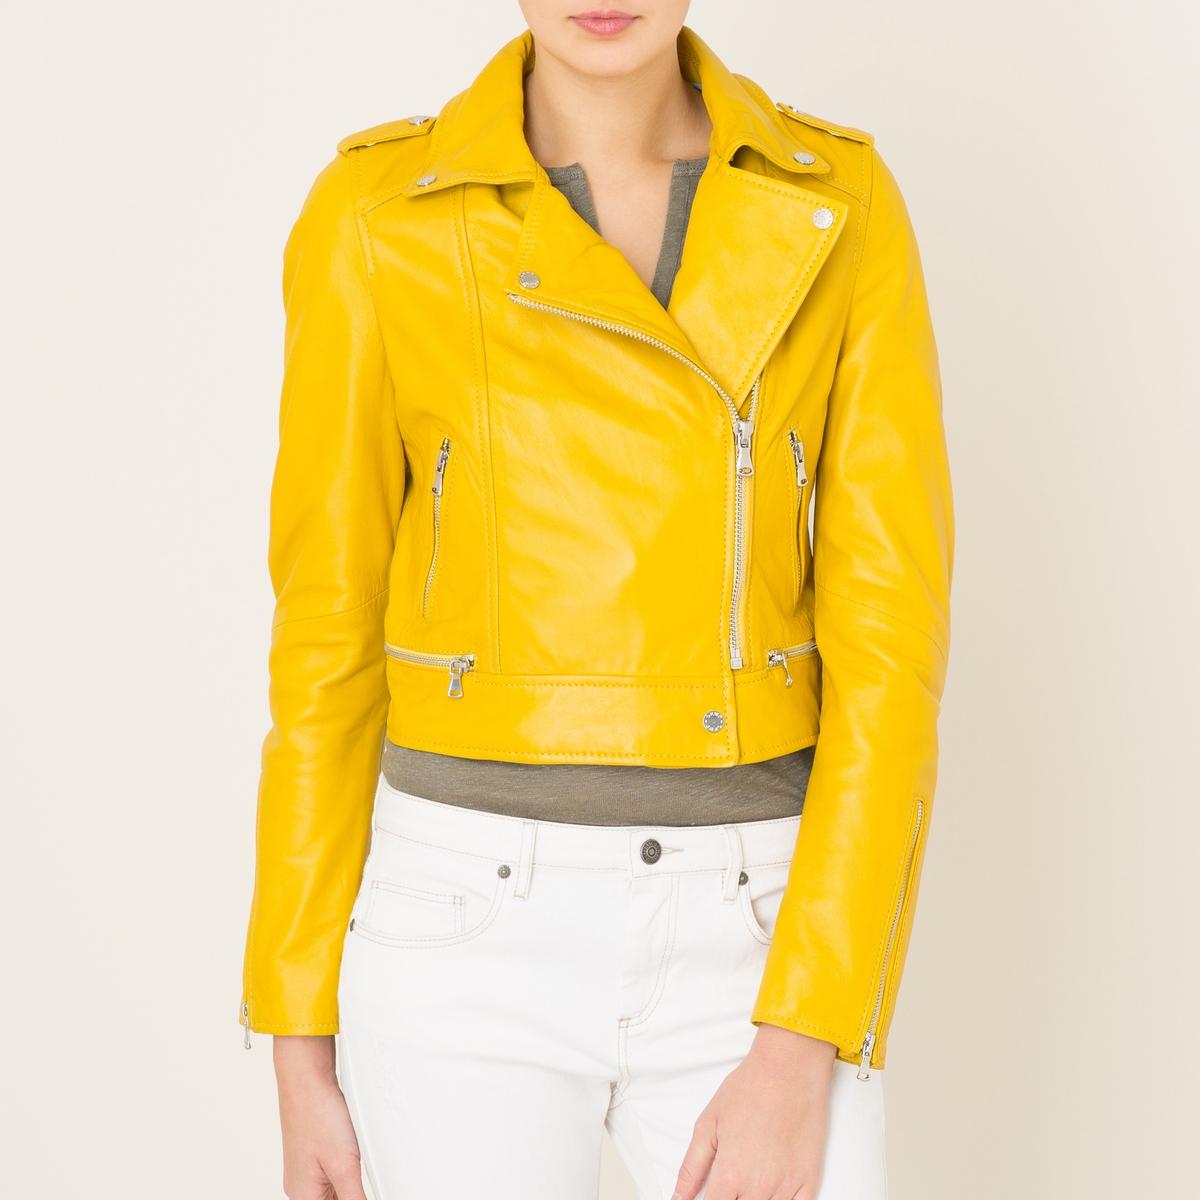 Куртка укороченная YOKOКуртка OAKWOOD - модель YOKO с застёжкой на молнию .Детали •  Длина : укороченная •  Воротник с лацканами •  Застежка на молниюСостав и уход •  100% овечья кожа •  Подкладка : 100% полиэстер •  Следуйте советам по уходу, указанным на этикетке •  Кнопки на плечах •  2 боковых кармана на молнии •  Застёжка на молнию по бокам и на манжетах<br><br>Цвет: желтый<br>Размер: S